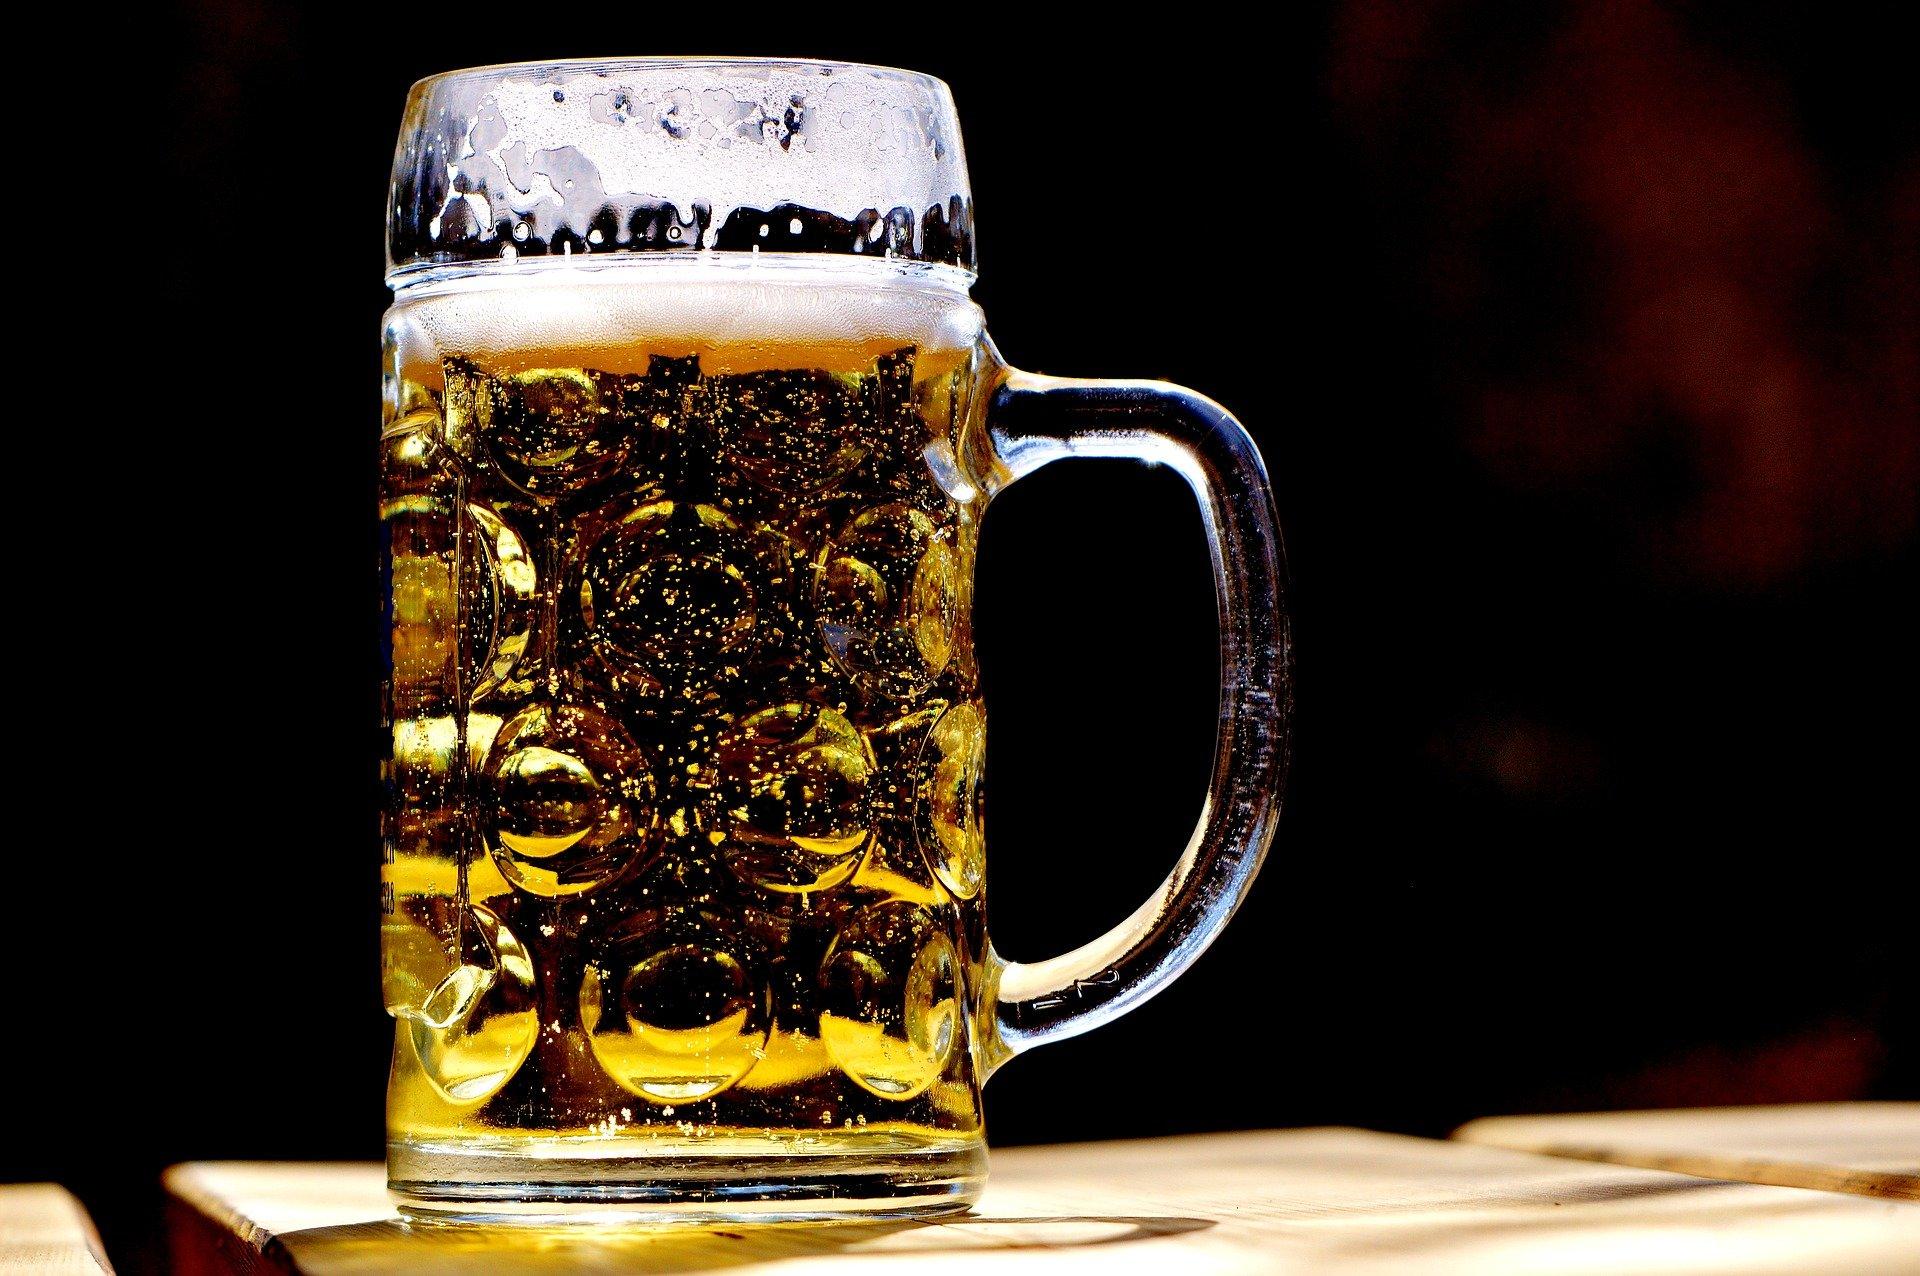 Пациента спасли от смерти с помощью пива